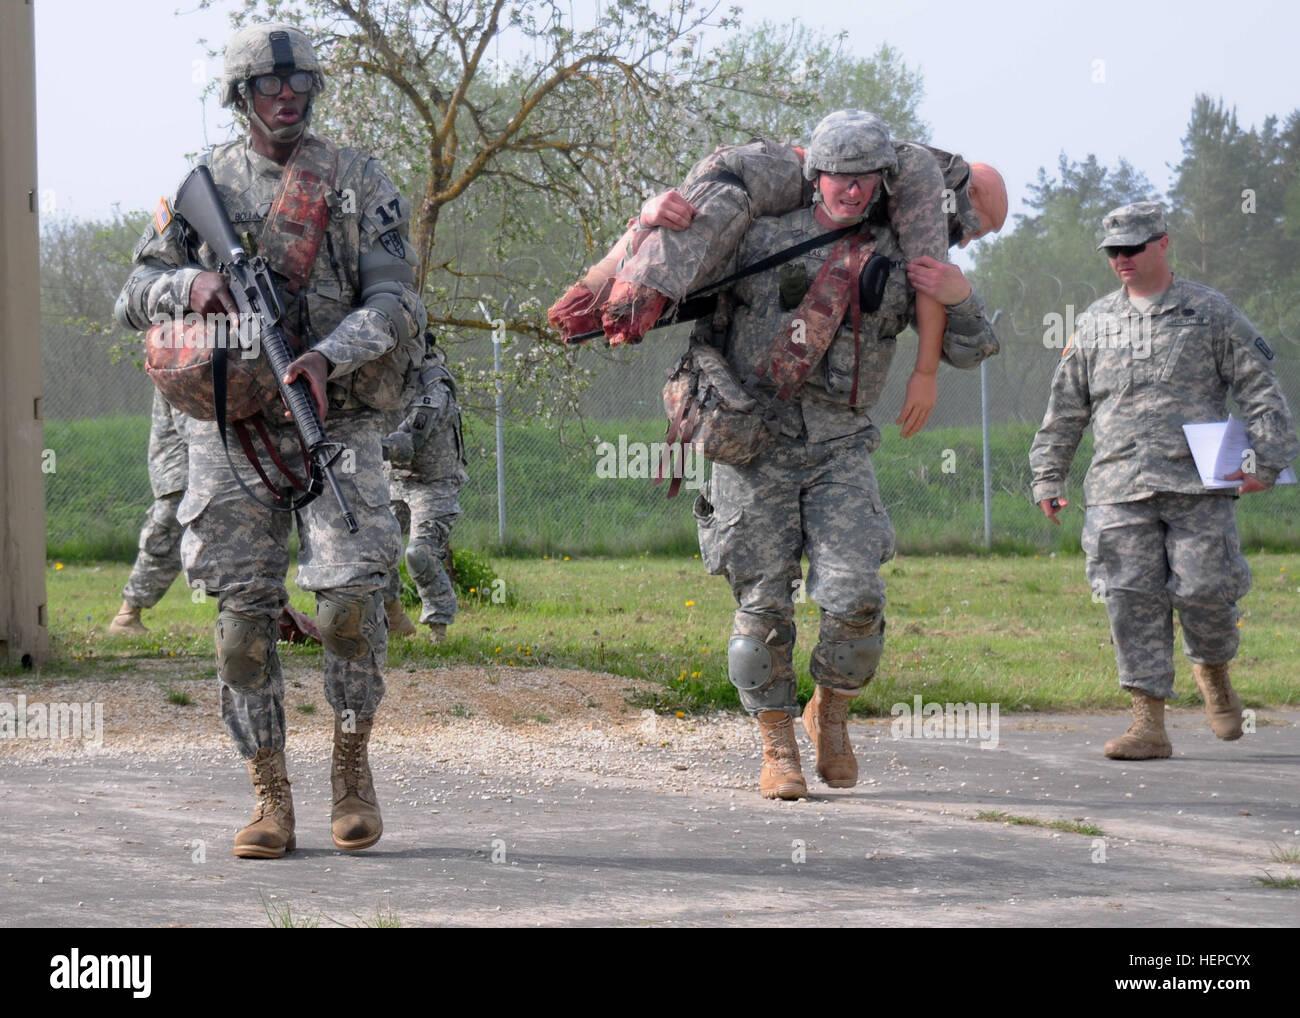 Beste Krieger Kandidaten bewegen einen simulierten Unfall in einen ...